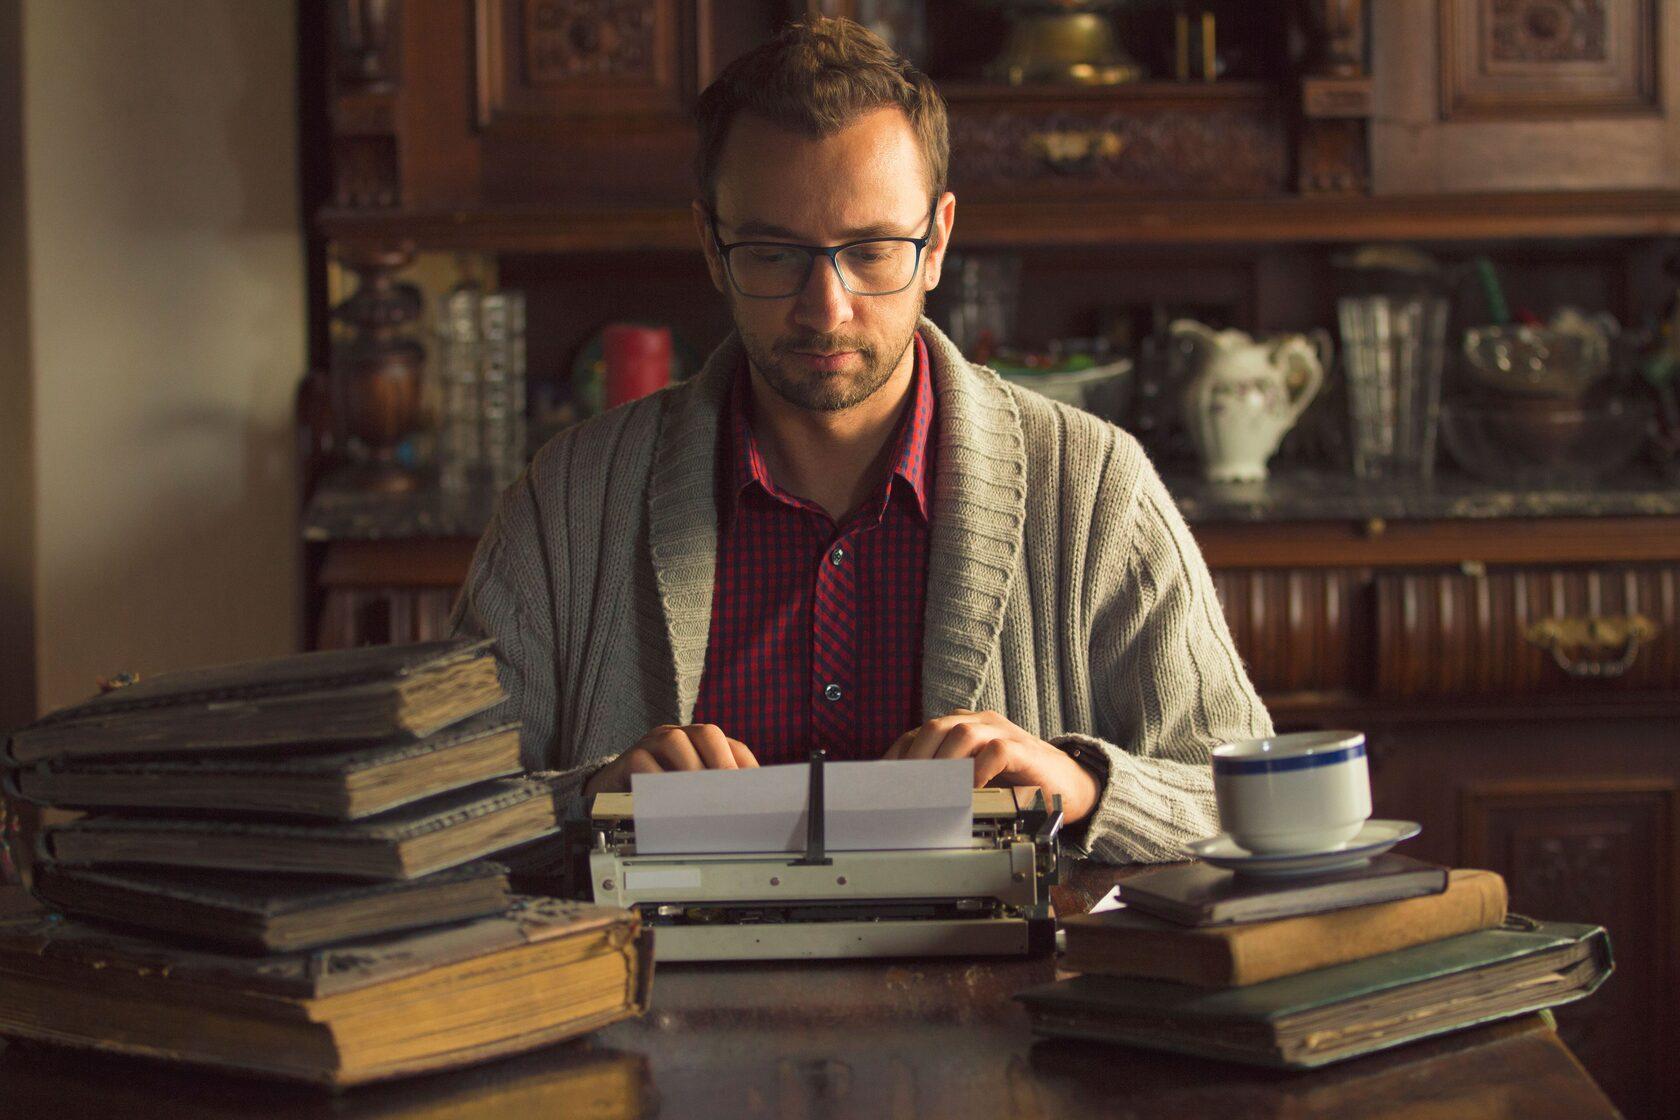 Бесплатная лекция о том, как стать писателем. Очень крутая Света Сачкова...